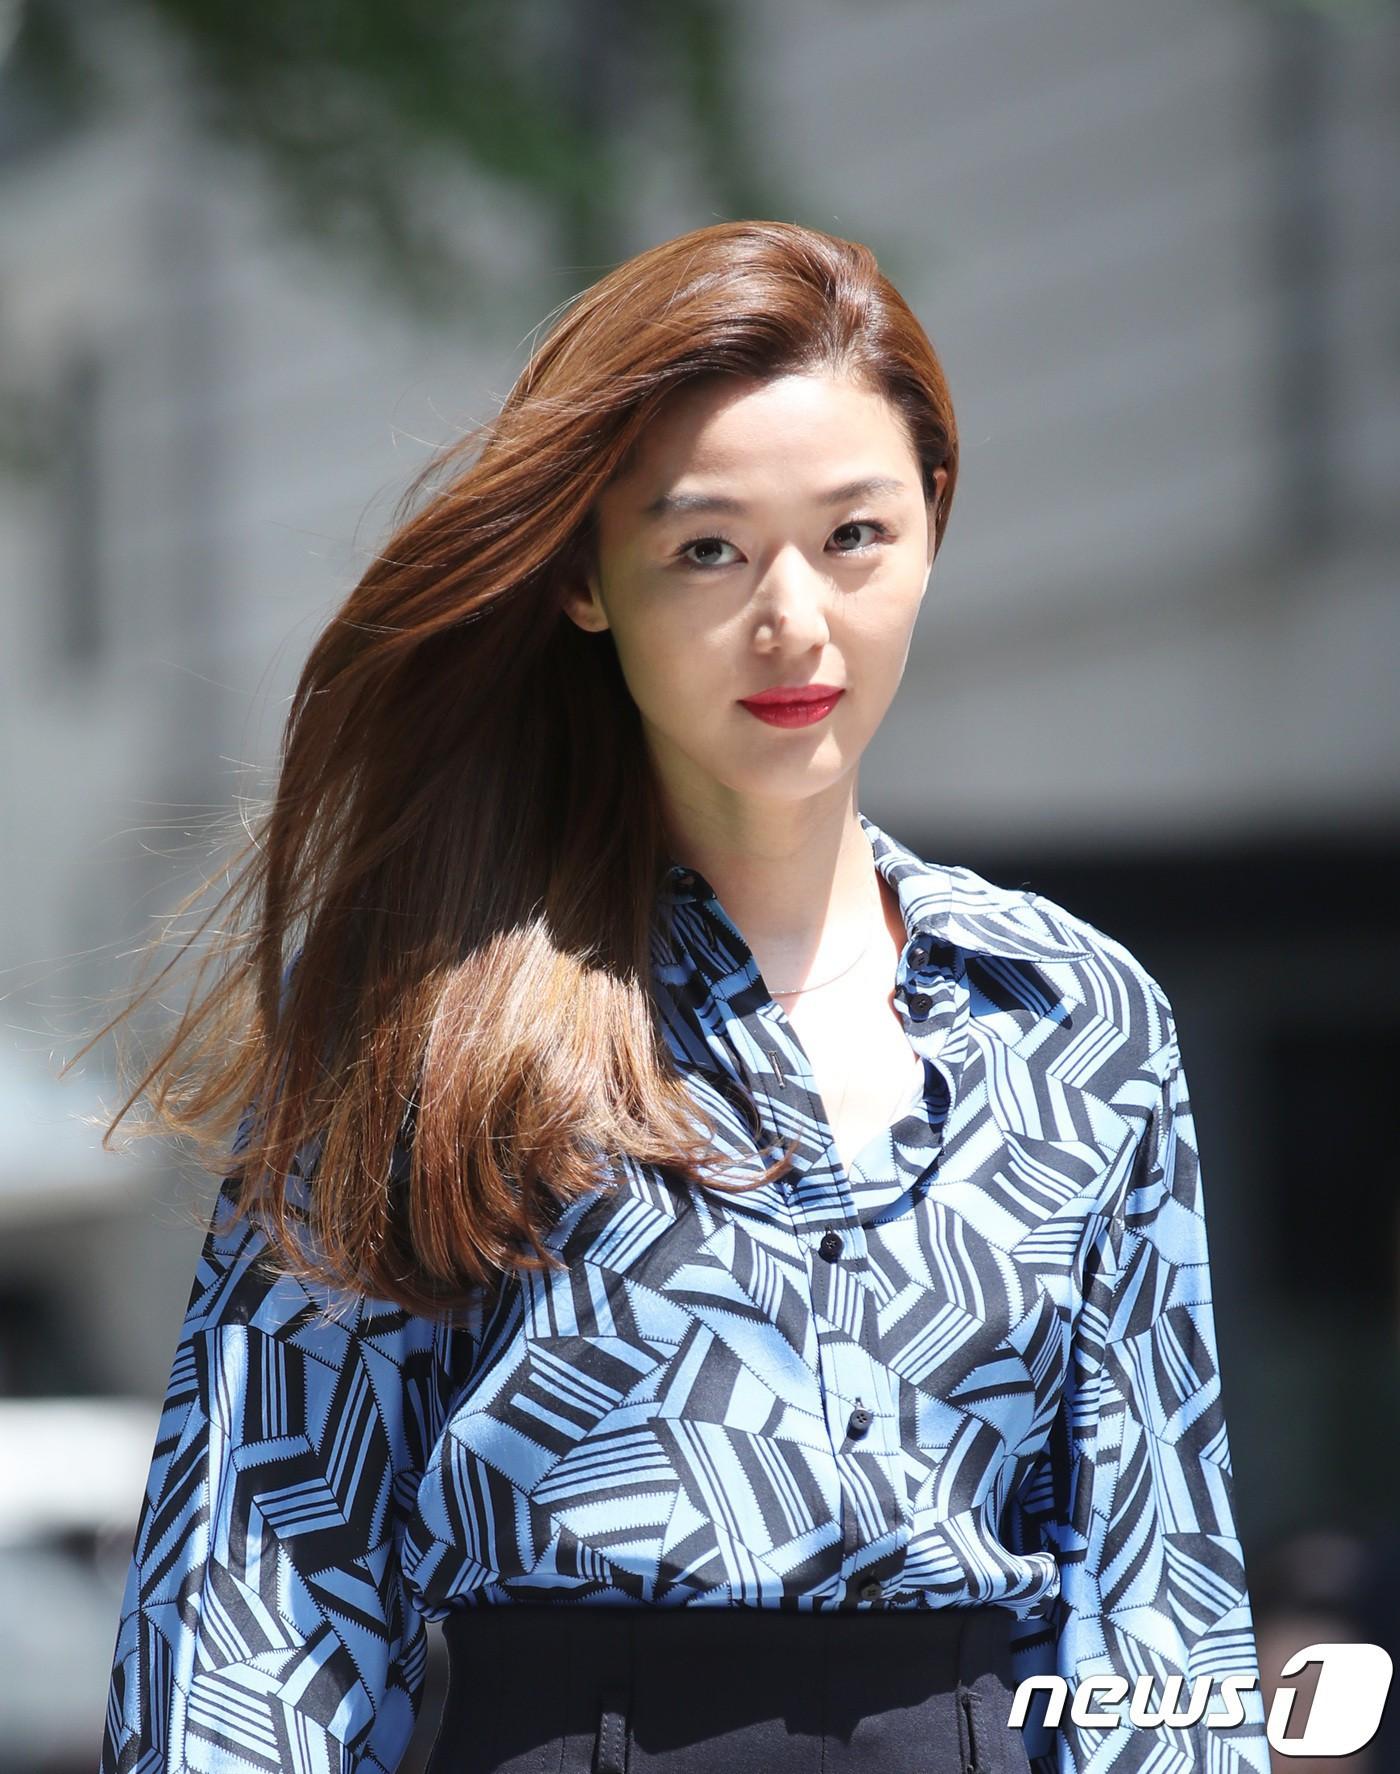 Cùng diện 1 chiếc áo, Dương Mịch ghi điểm ở cách mix nhưng vẫn thua kém Jeon Ji Hyun về thần thái - Ảnh 3.